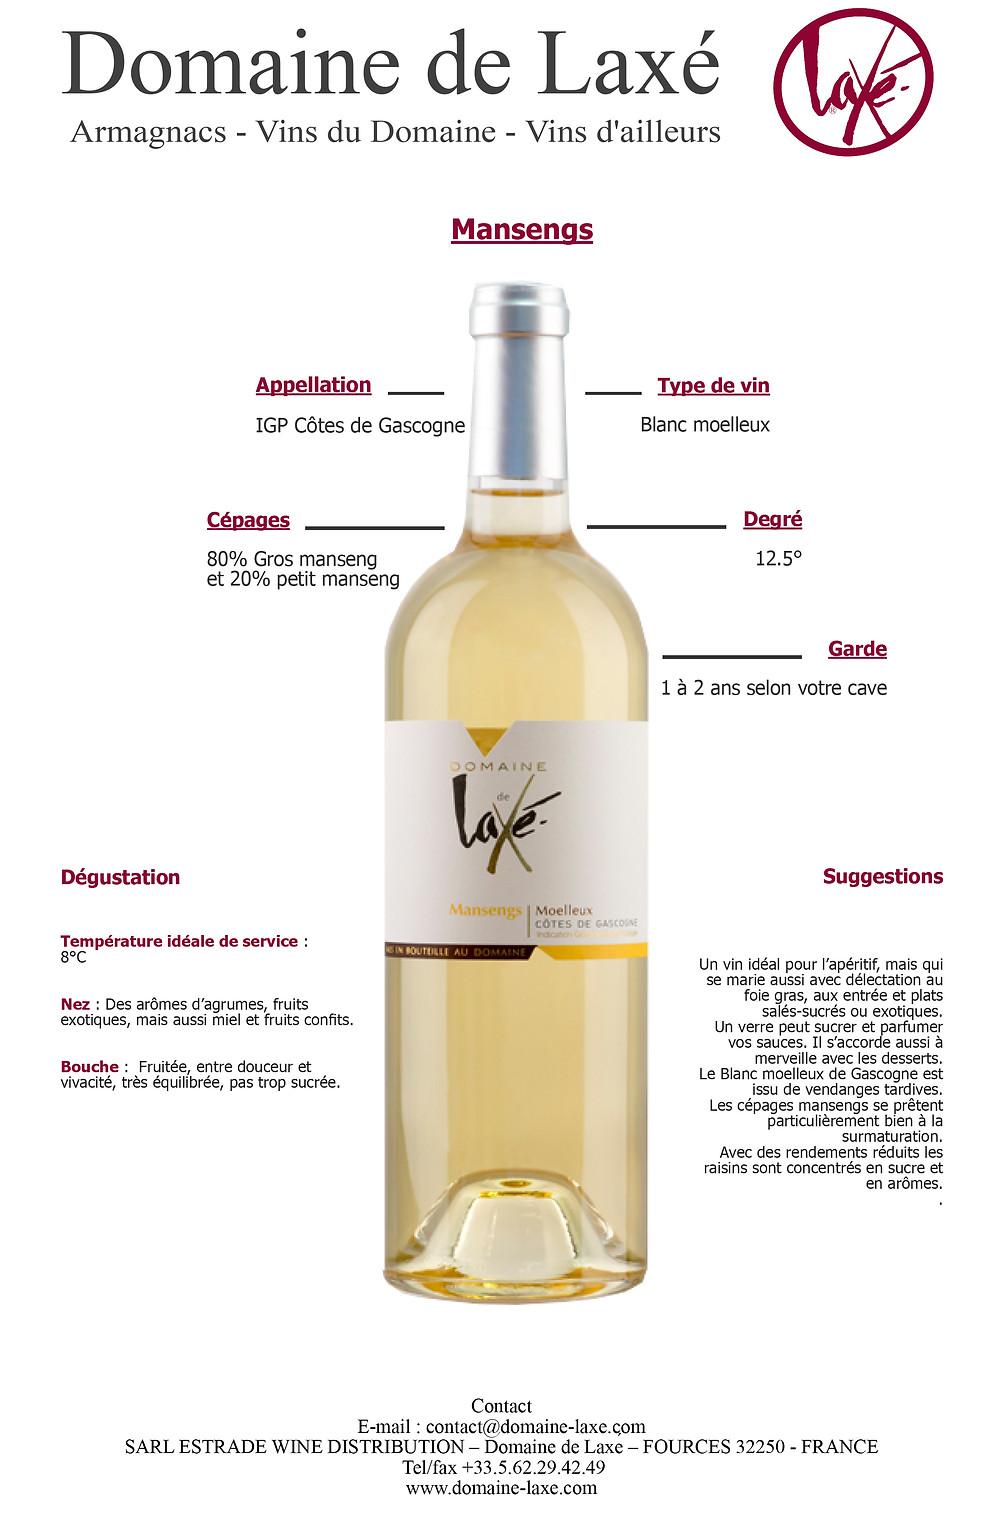 Côtes de Gascogne blanc moelleux